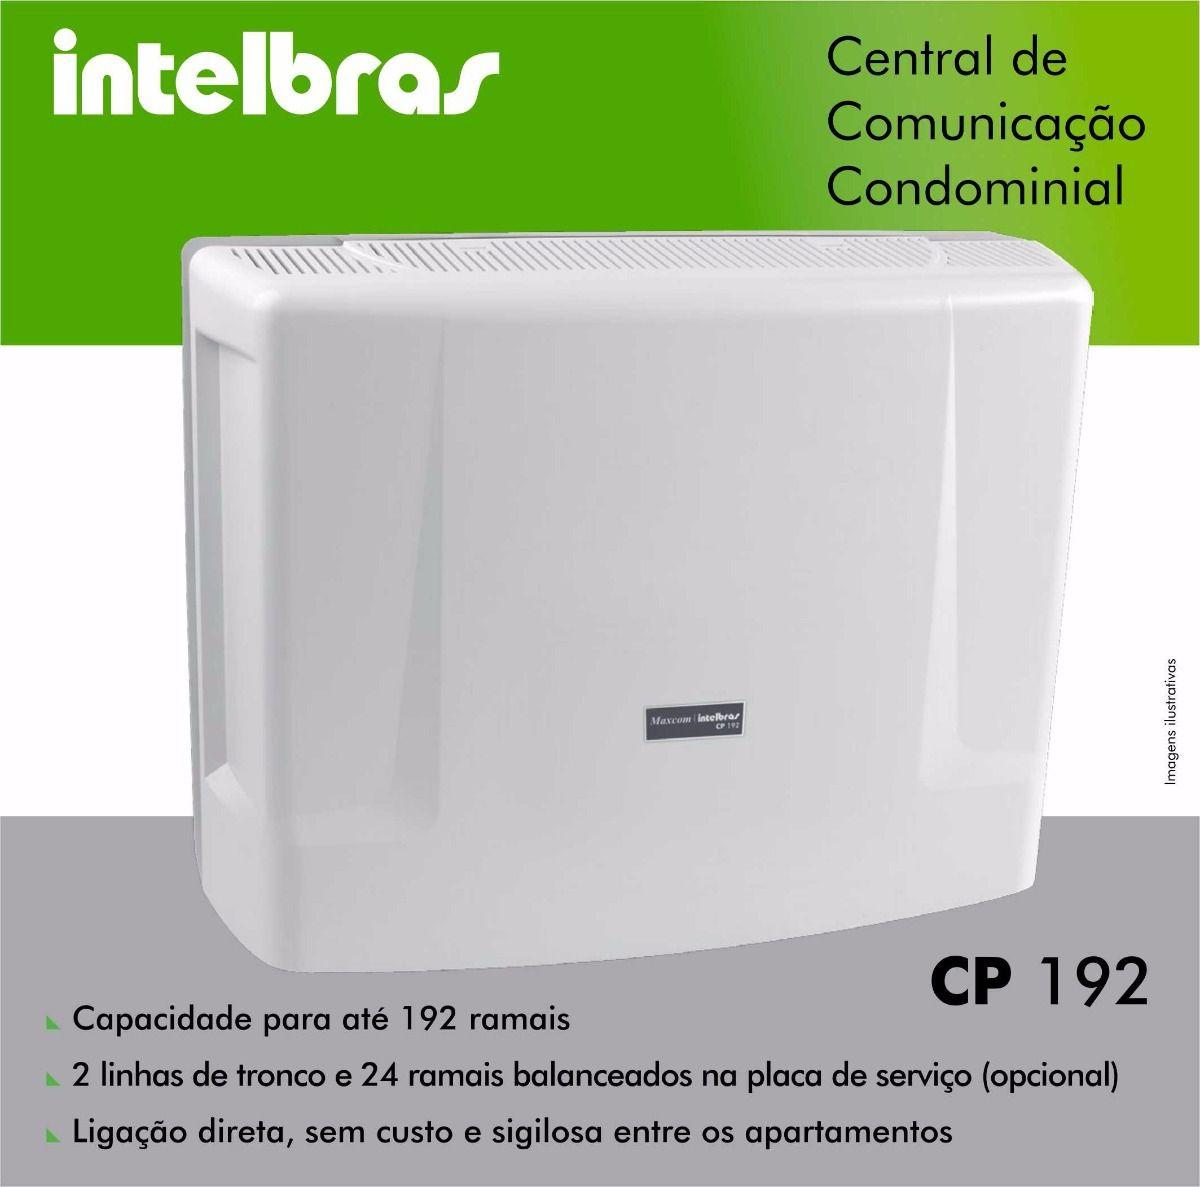 Central de comunicação condominial intelbras basica CP 192  - JS Soluções em Segurança